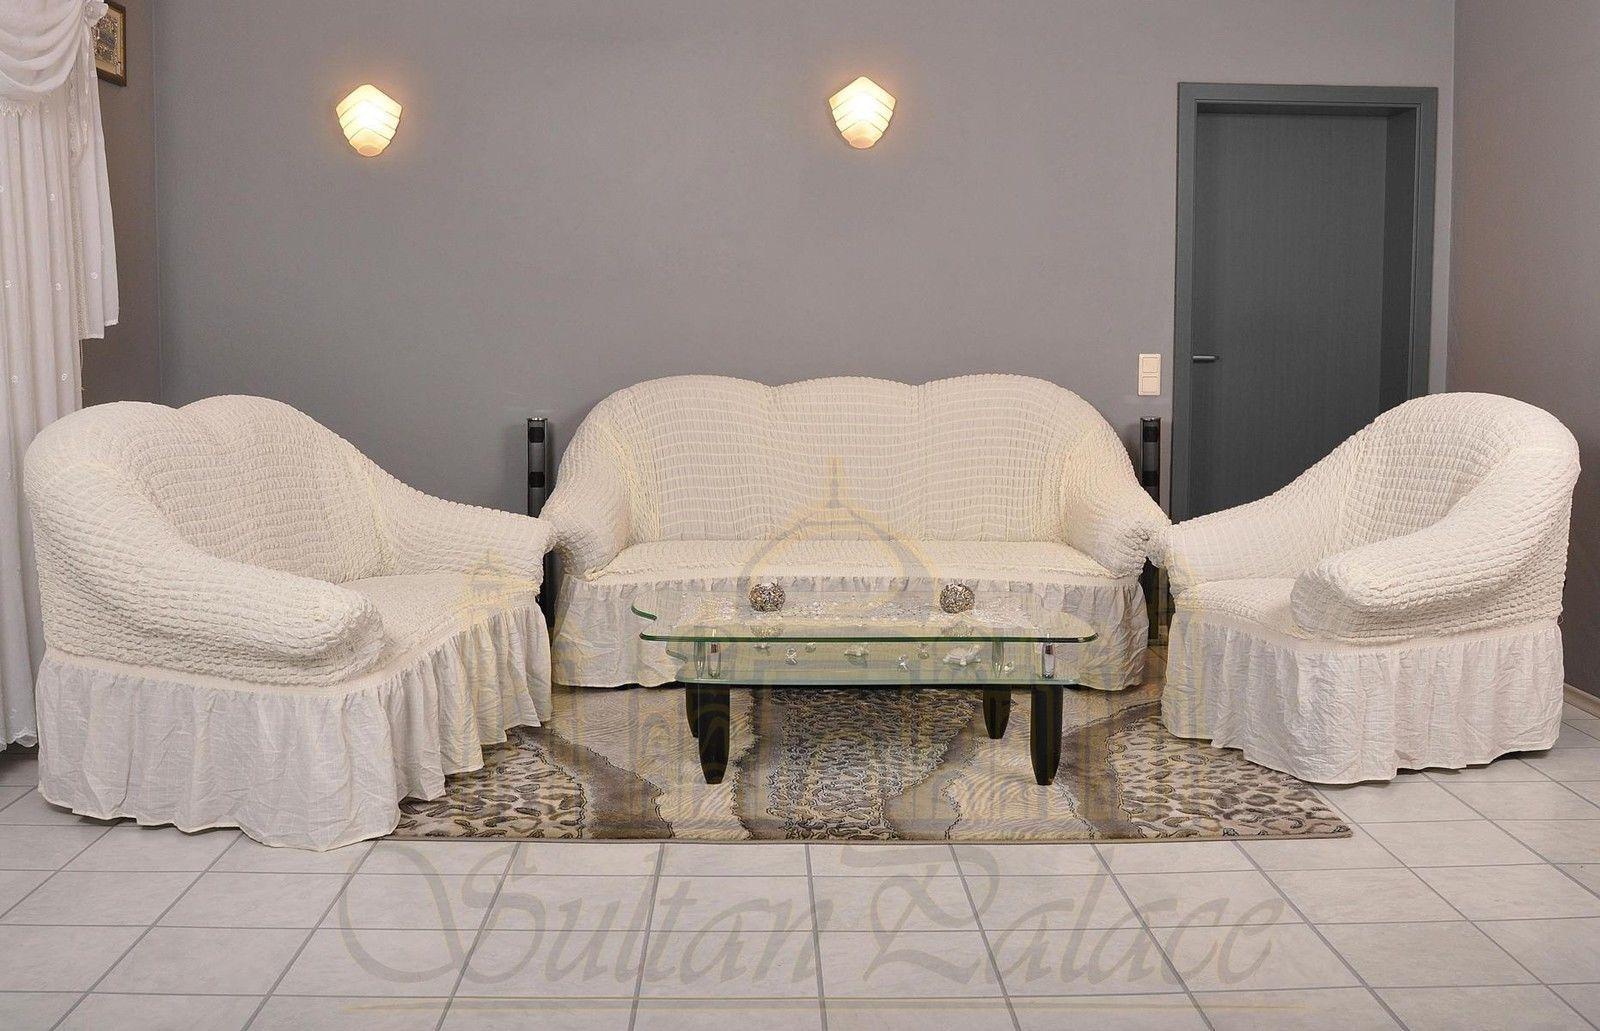 Sofá sillón de referencia referencia funda del asiento 3er+2er+1er sofá cubierta de sujeción referencia crema Krem